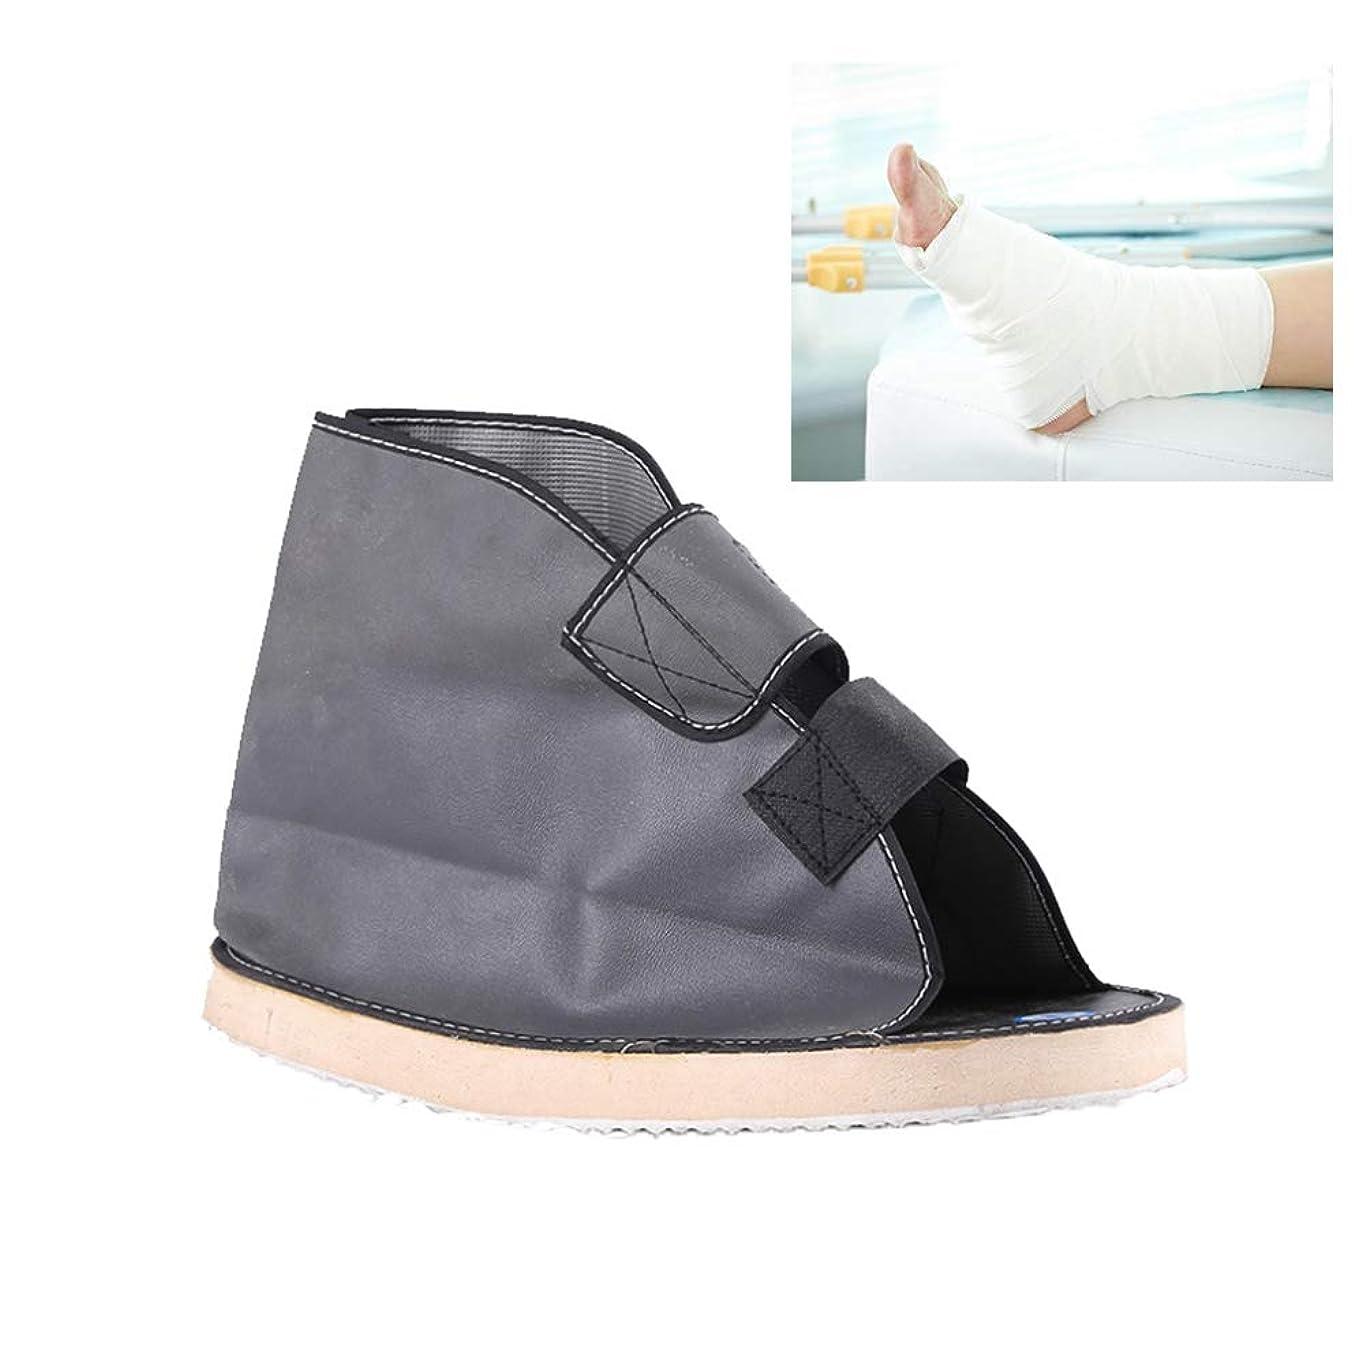 ティッシュ航空会社に対してキャスト医療靴術後医療ウォーキングブーツポスト傷害外科的骨折足ウォーキングシューズヒーリングリハビリ石膏靴,L1pc